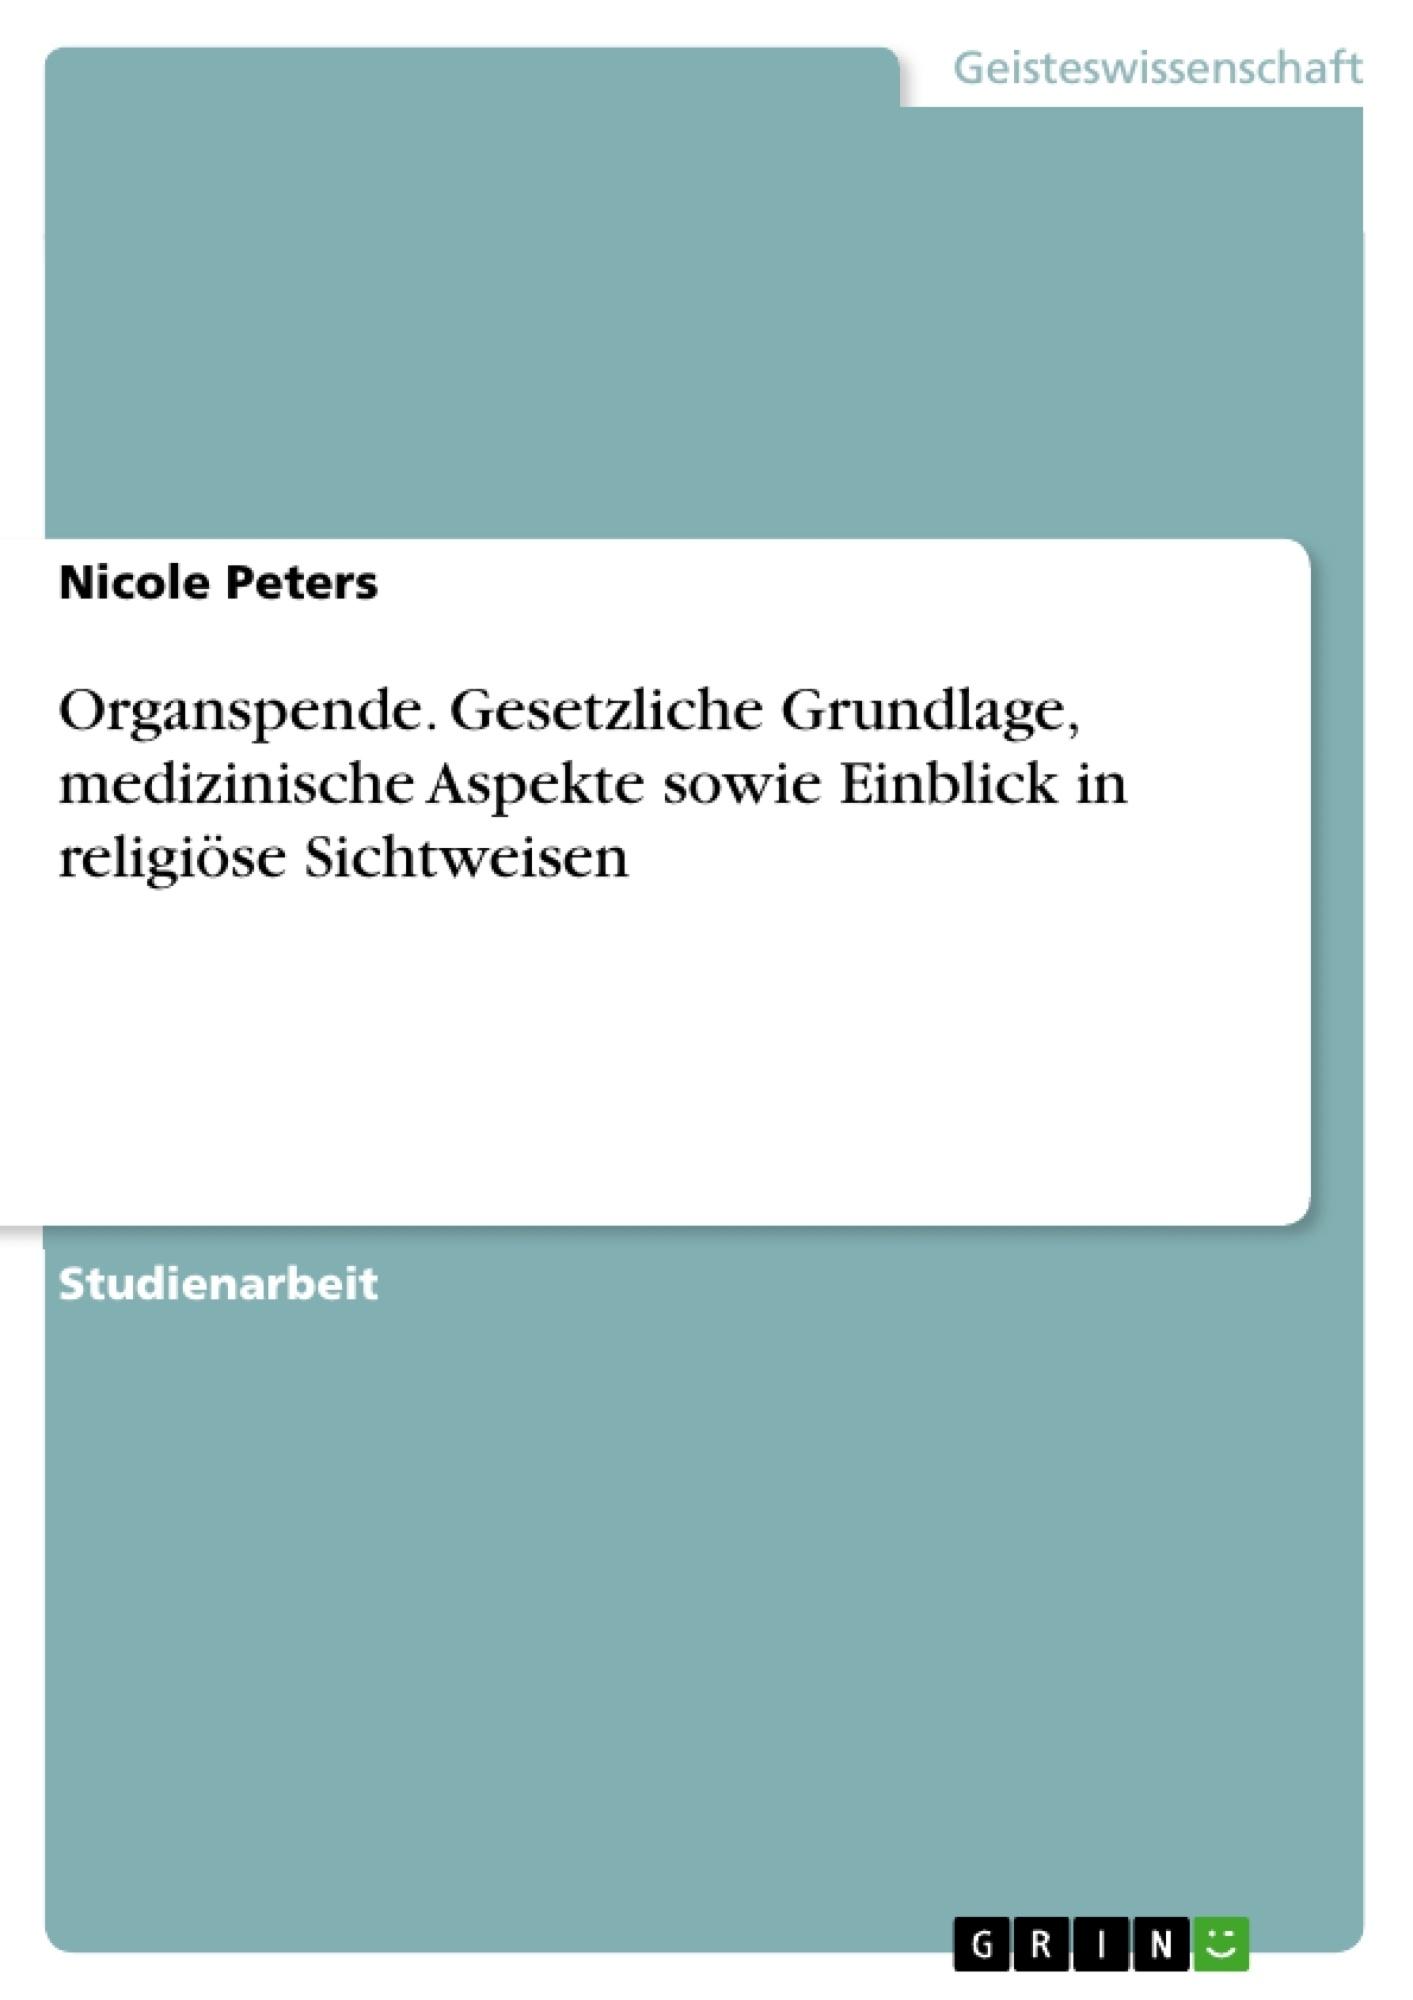 Titel: Organspende. Gesetzliche Grundlage, medizinische Aspekte sowie Einblick in religiöse Sichtweisen